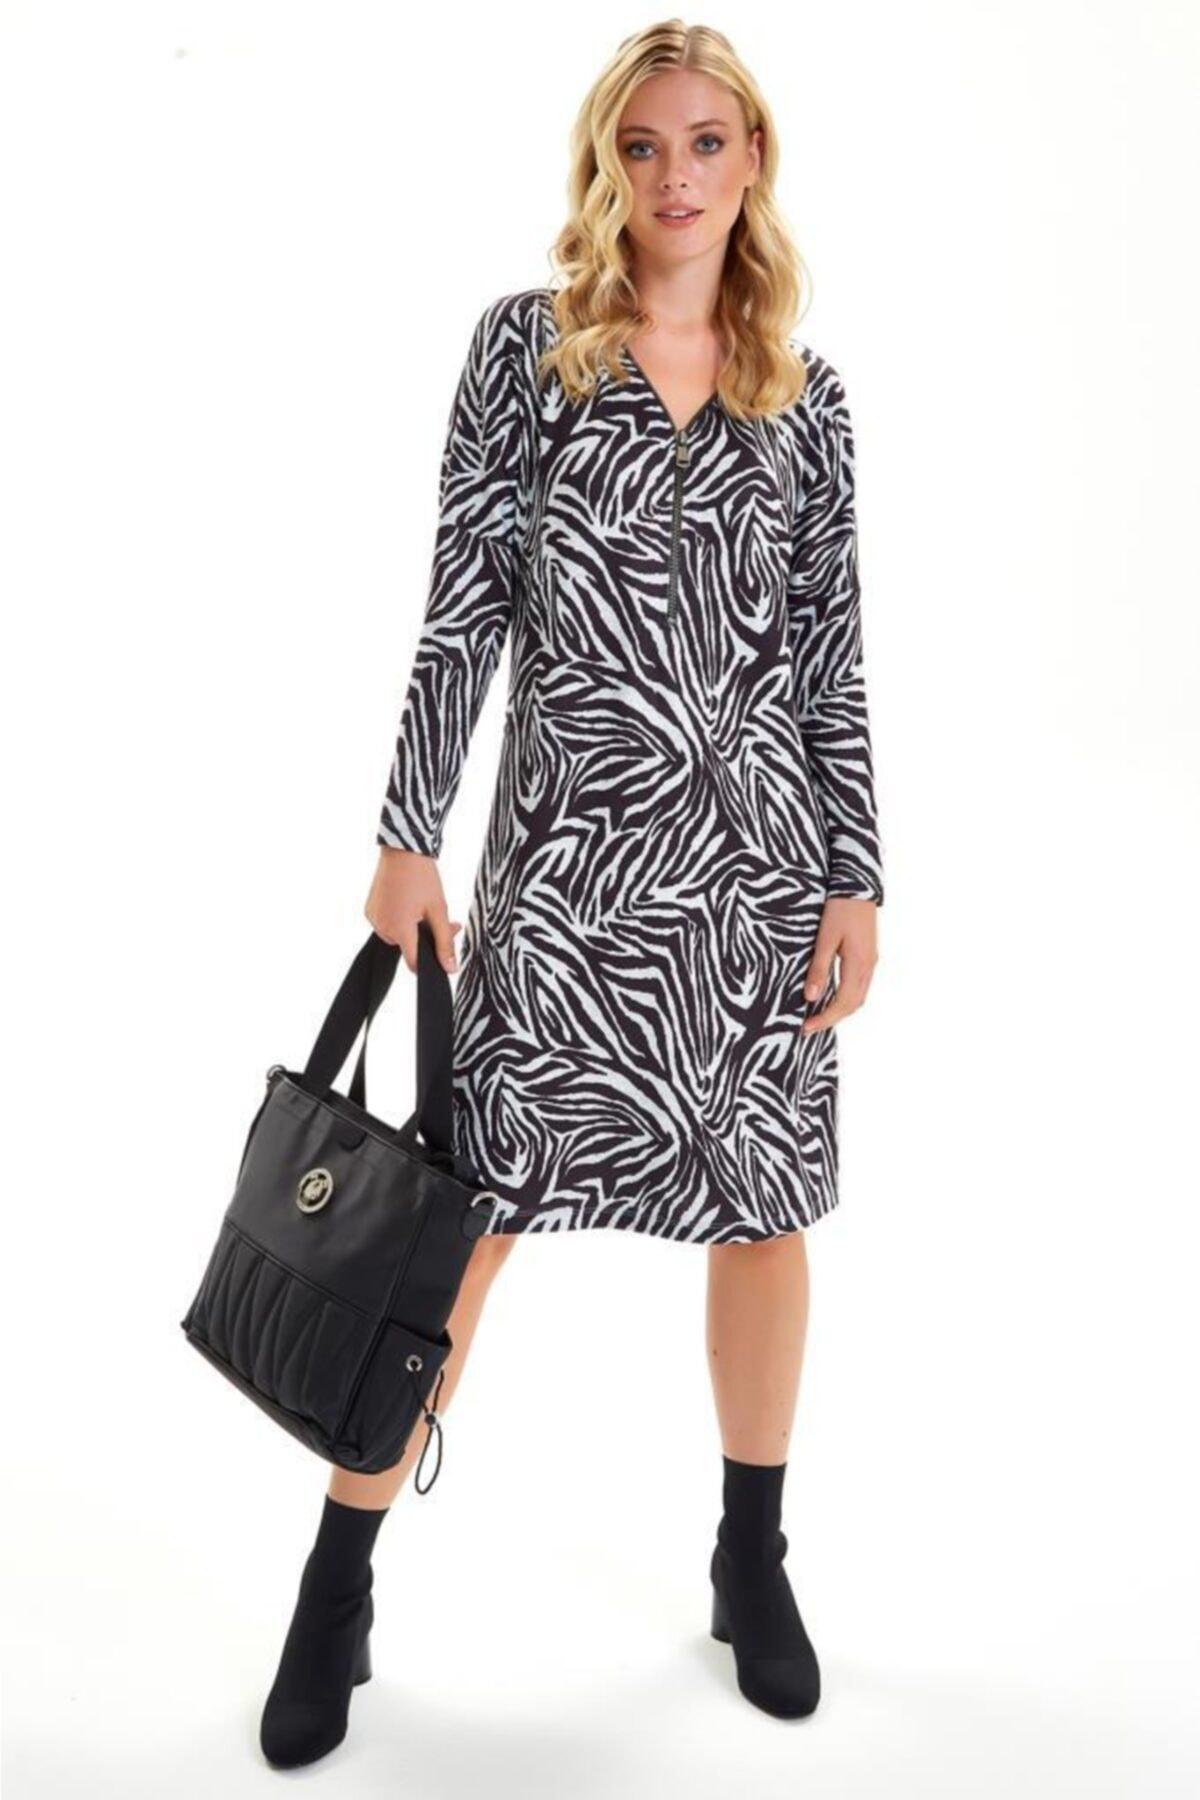 İKİLER Yakası Metal Fermuarlı Zebra Desen Elbise 201-2511 2